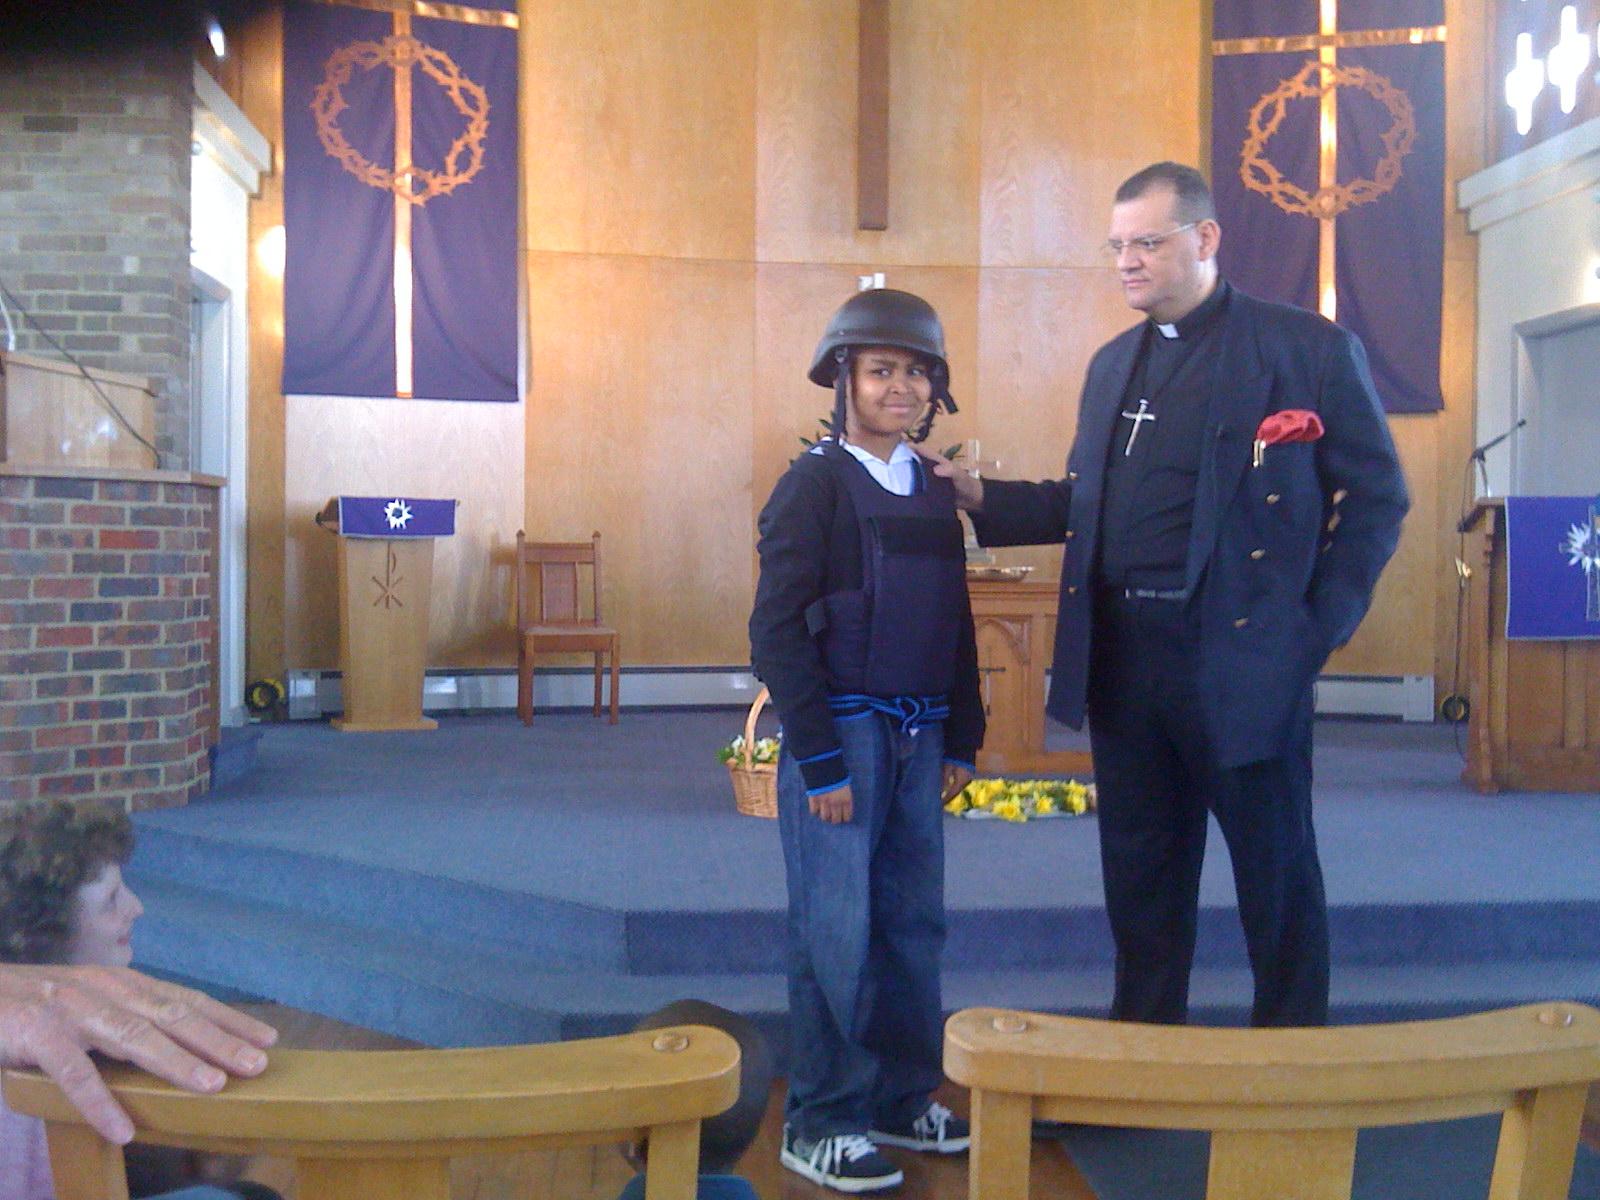 Rev Andrew White